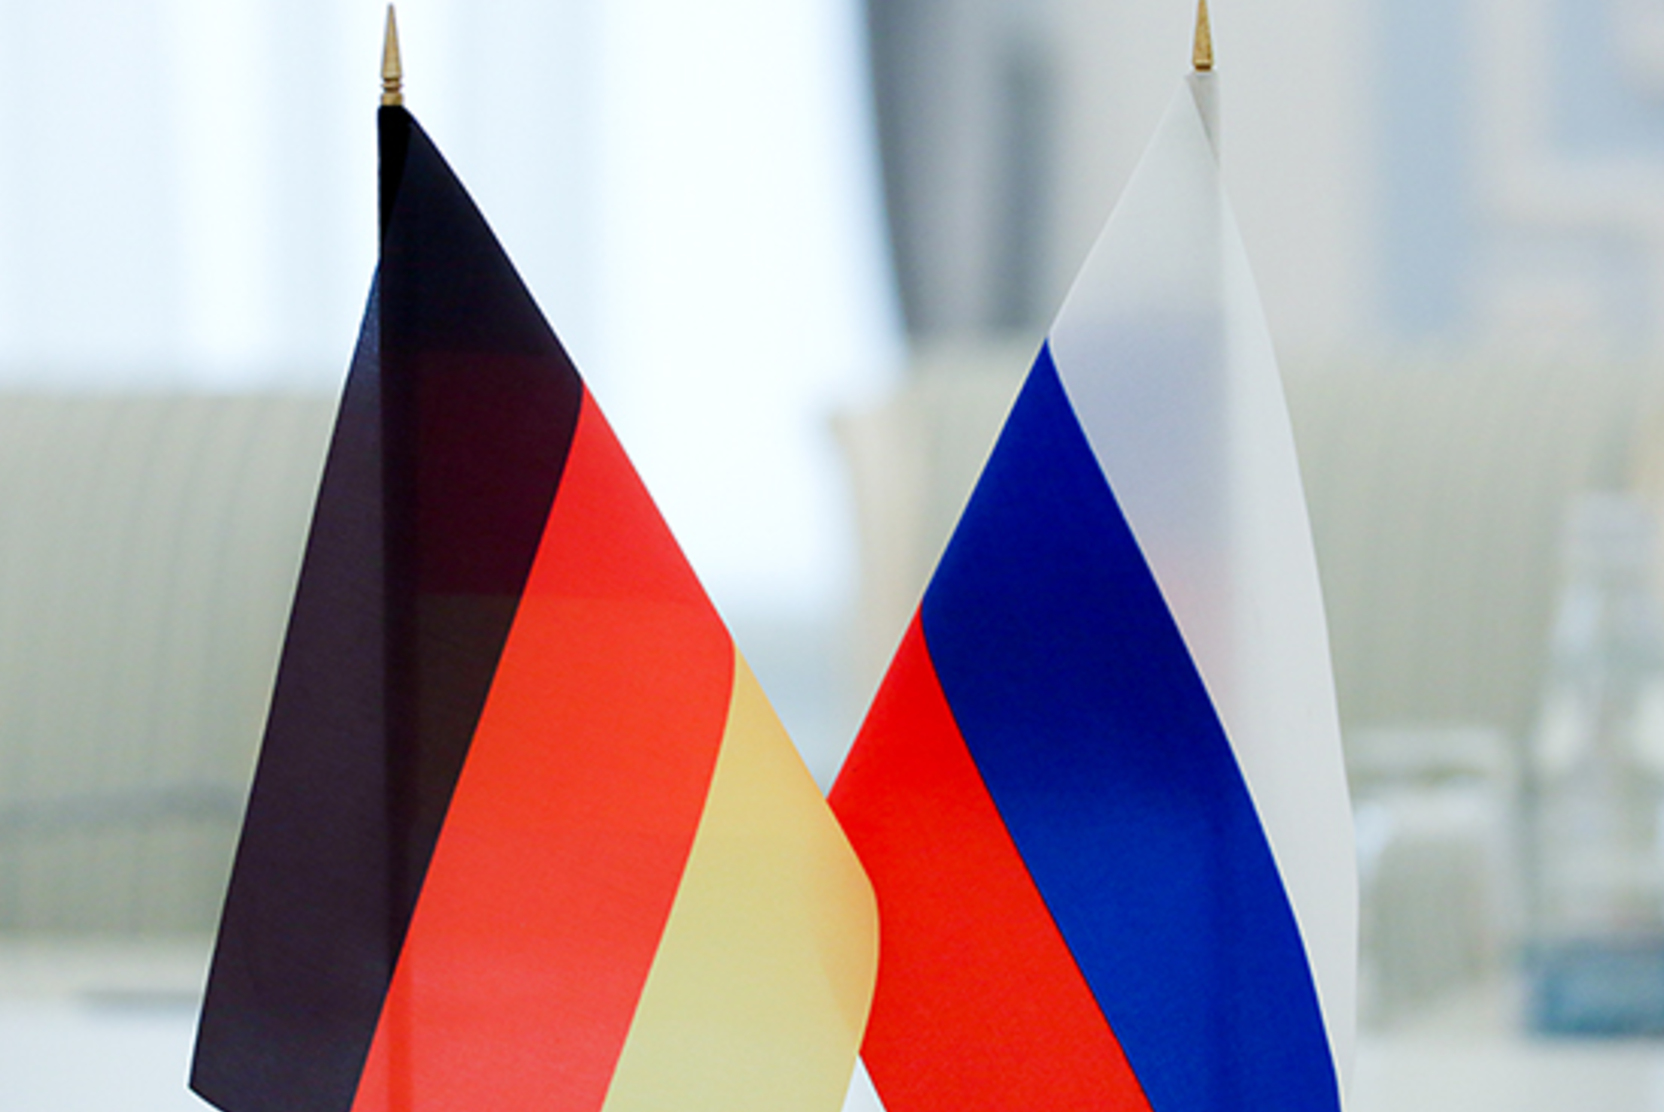 Воздушные запреты. Германия и Россия синхронно ввели и отменили ограничения для авиакомпаний